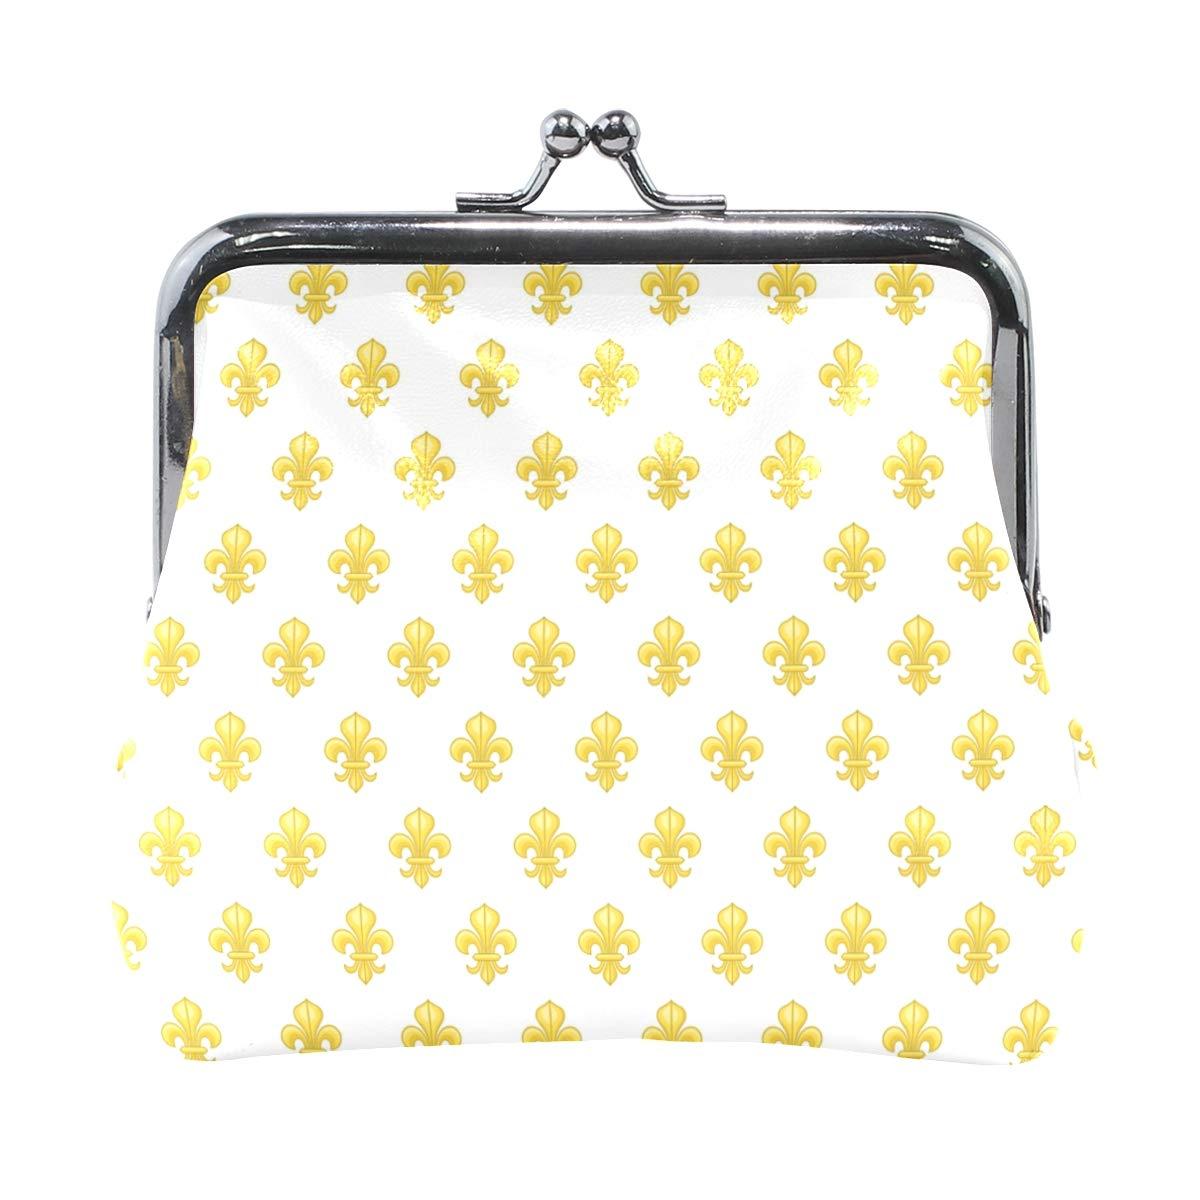 LALATOP Golden Lily Womens Coin Pouch Purse wallet Card Holder Clutch Handbag